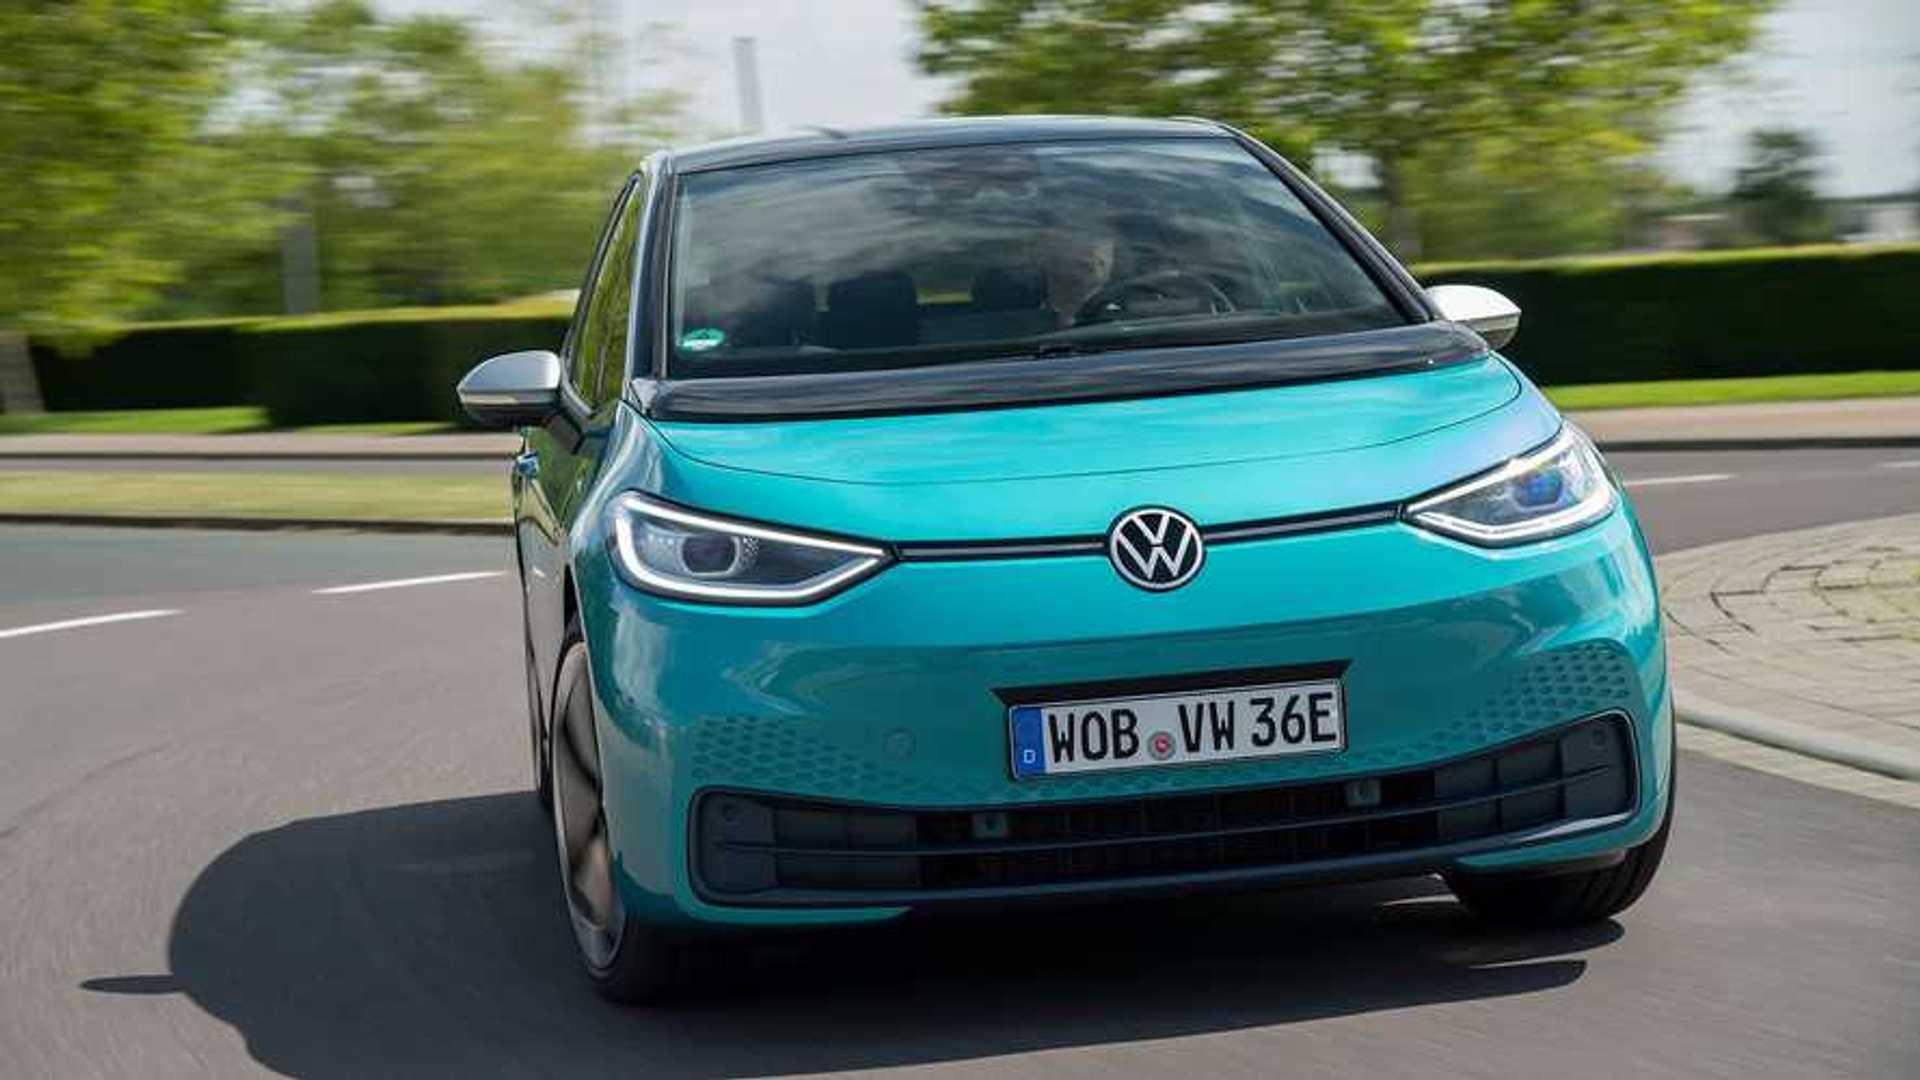 Volkswagen ID.3 elétrico: queda de 80% nas vendas acende alerta